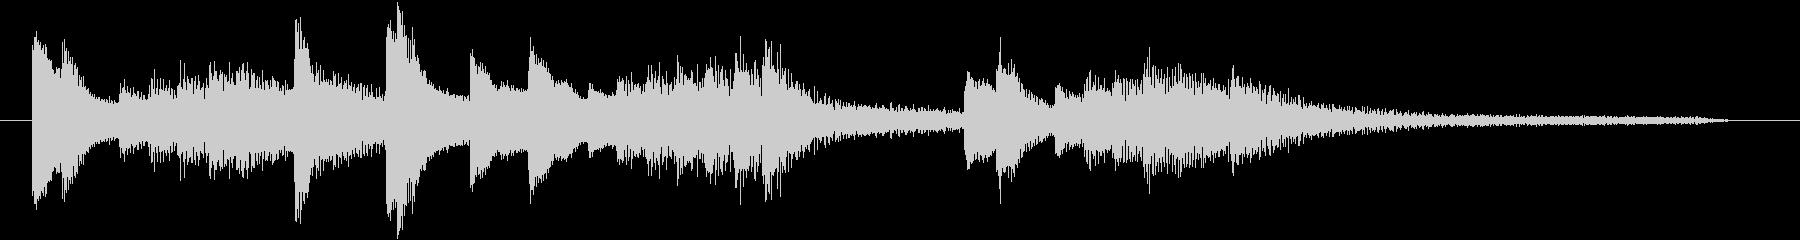 お正月・春の海モチーフのピアノジングルHの未再生の波形